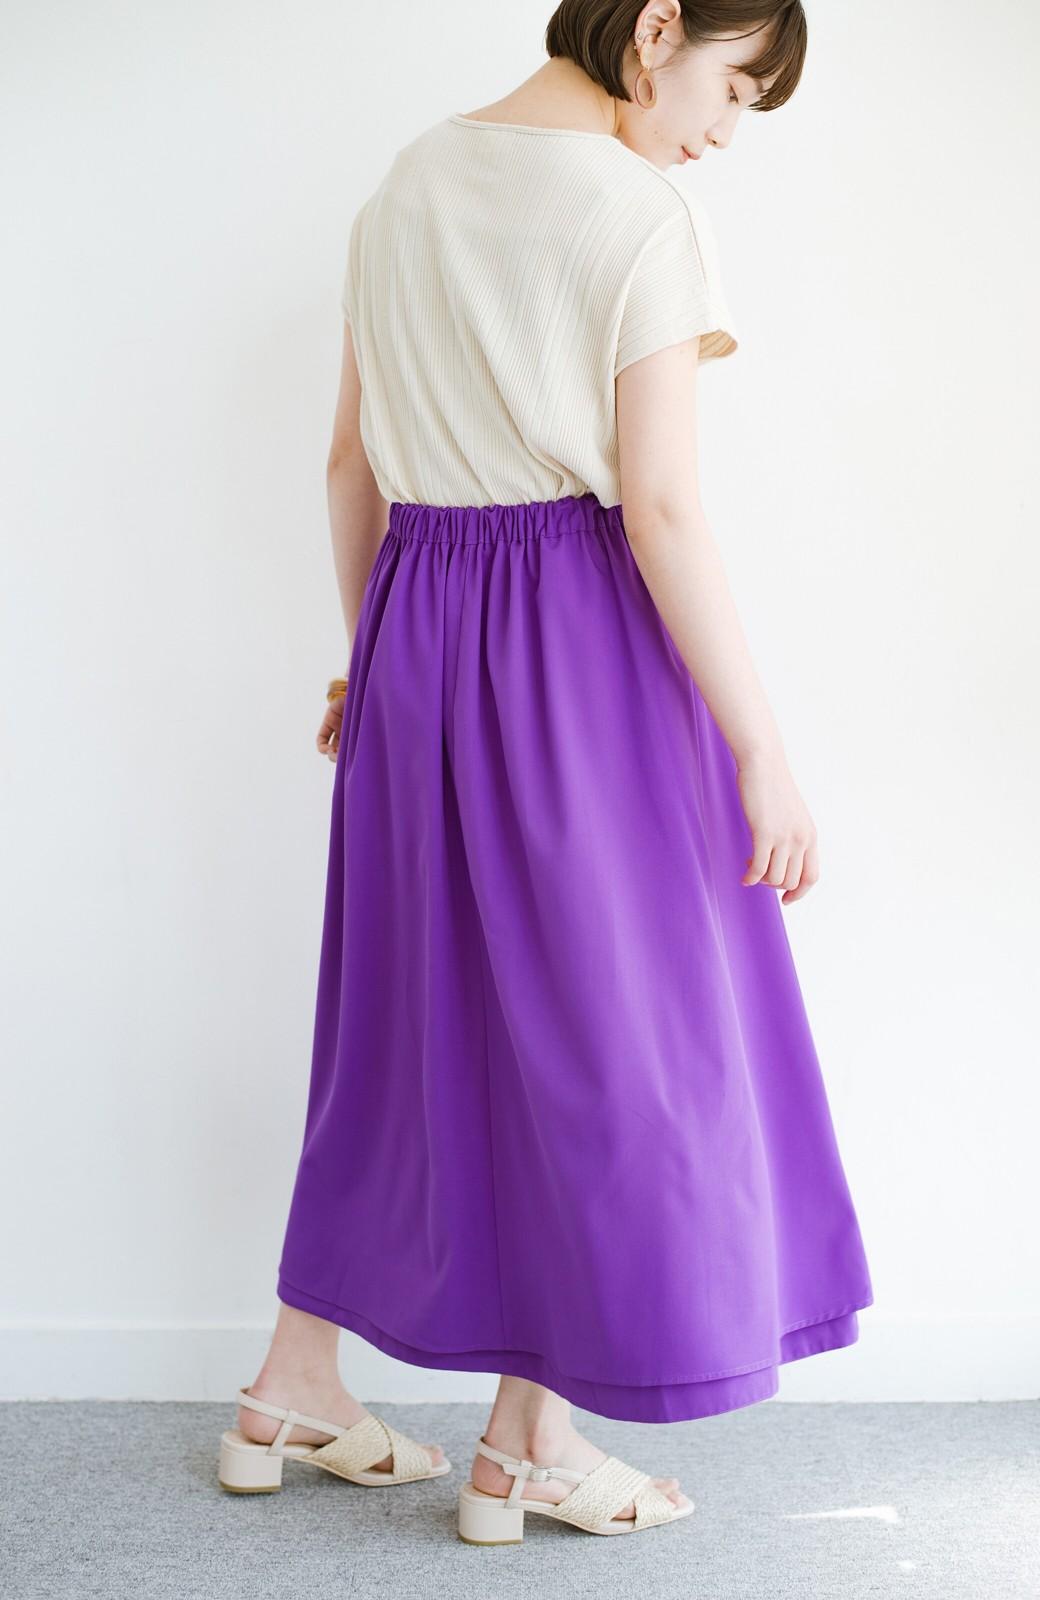 haco! オフィスにもデートにも! 便利なのはきれいに見えて楽ちんなリバーシブルスカート <ピンク系その他>の商品写真23